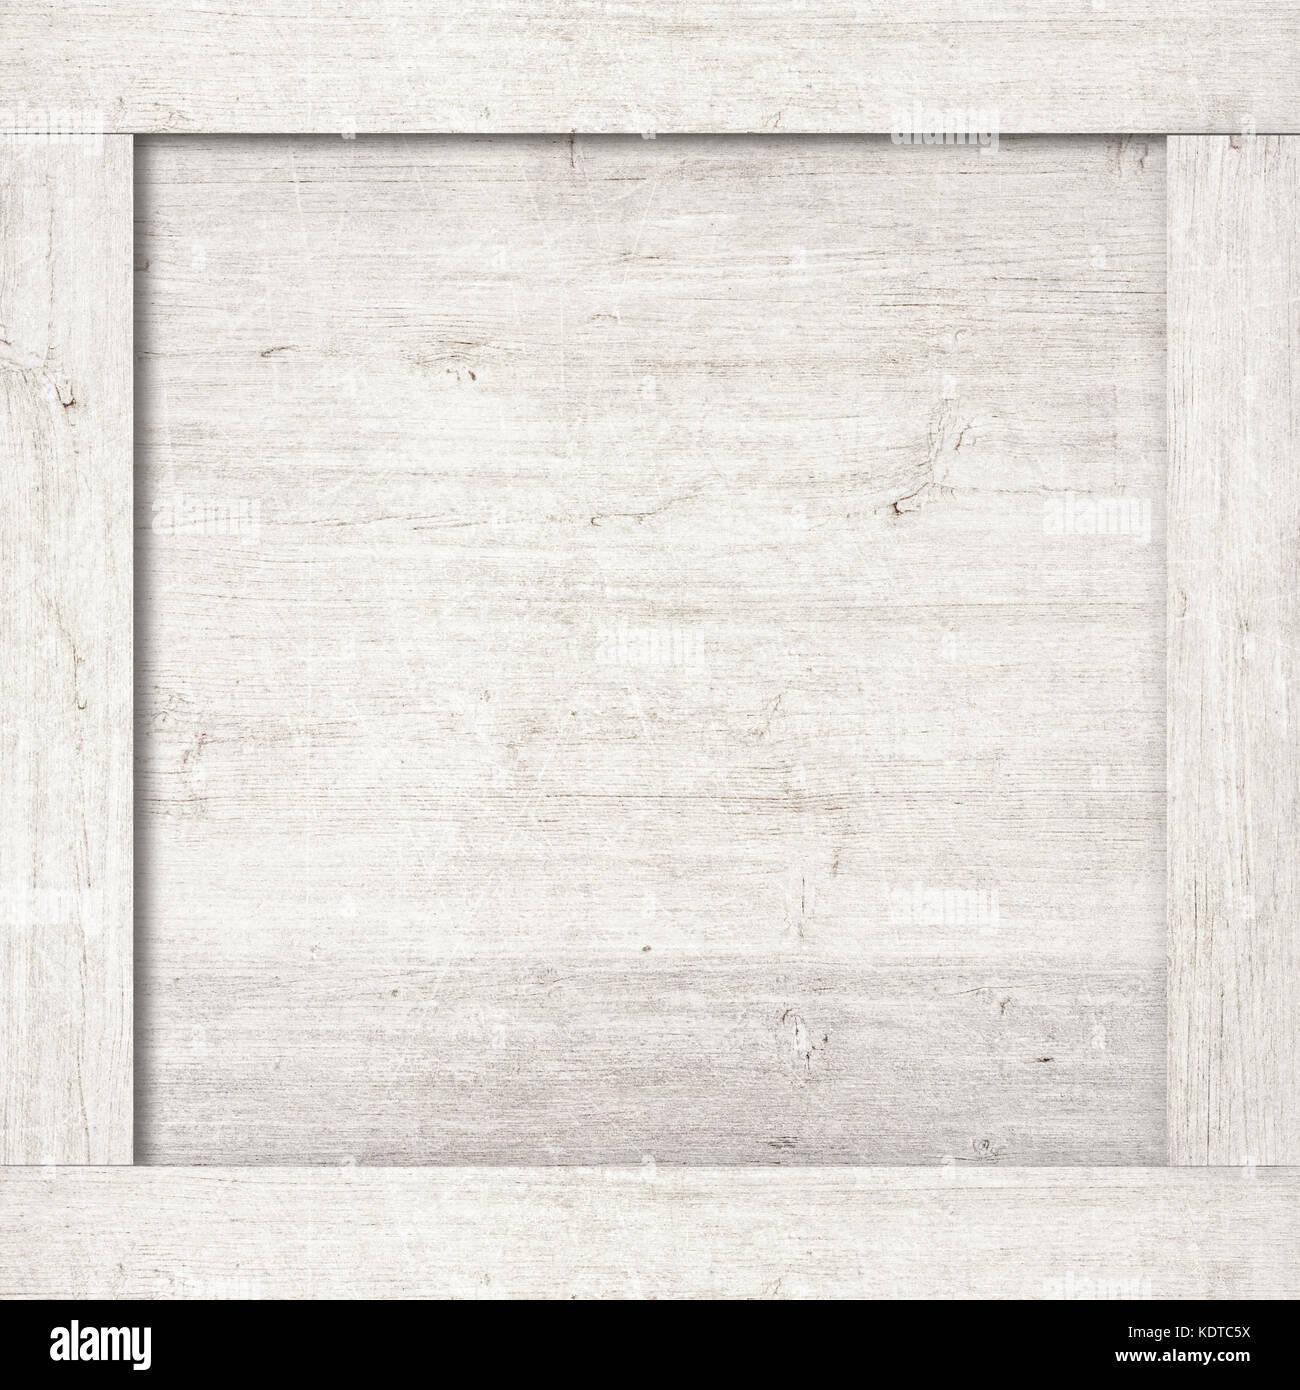 Gemütlich Kiste Und Barrel Rahmen Galerie - Rahmen Ideen ...